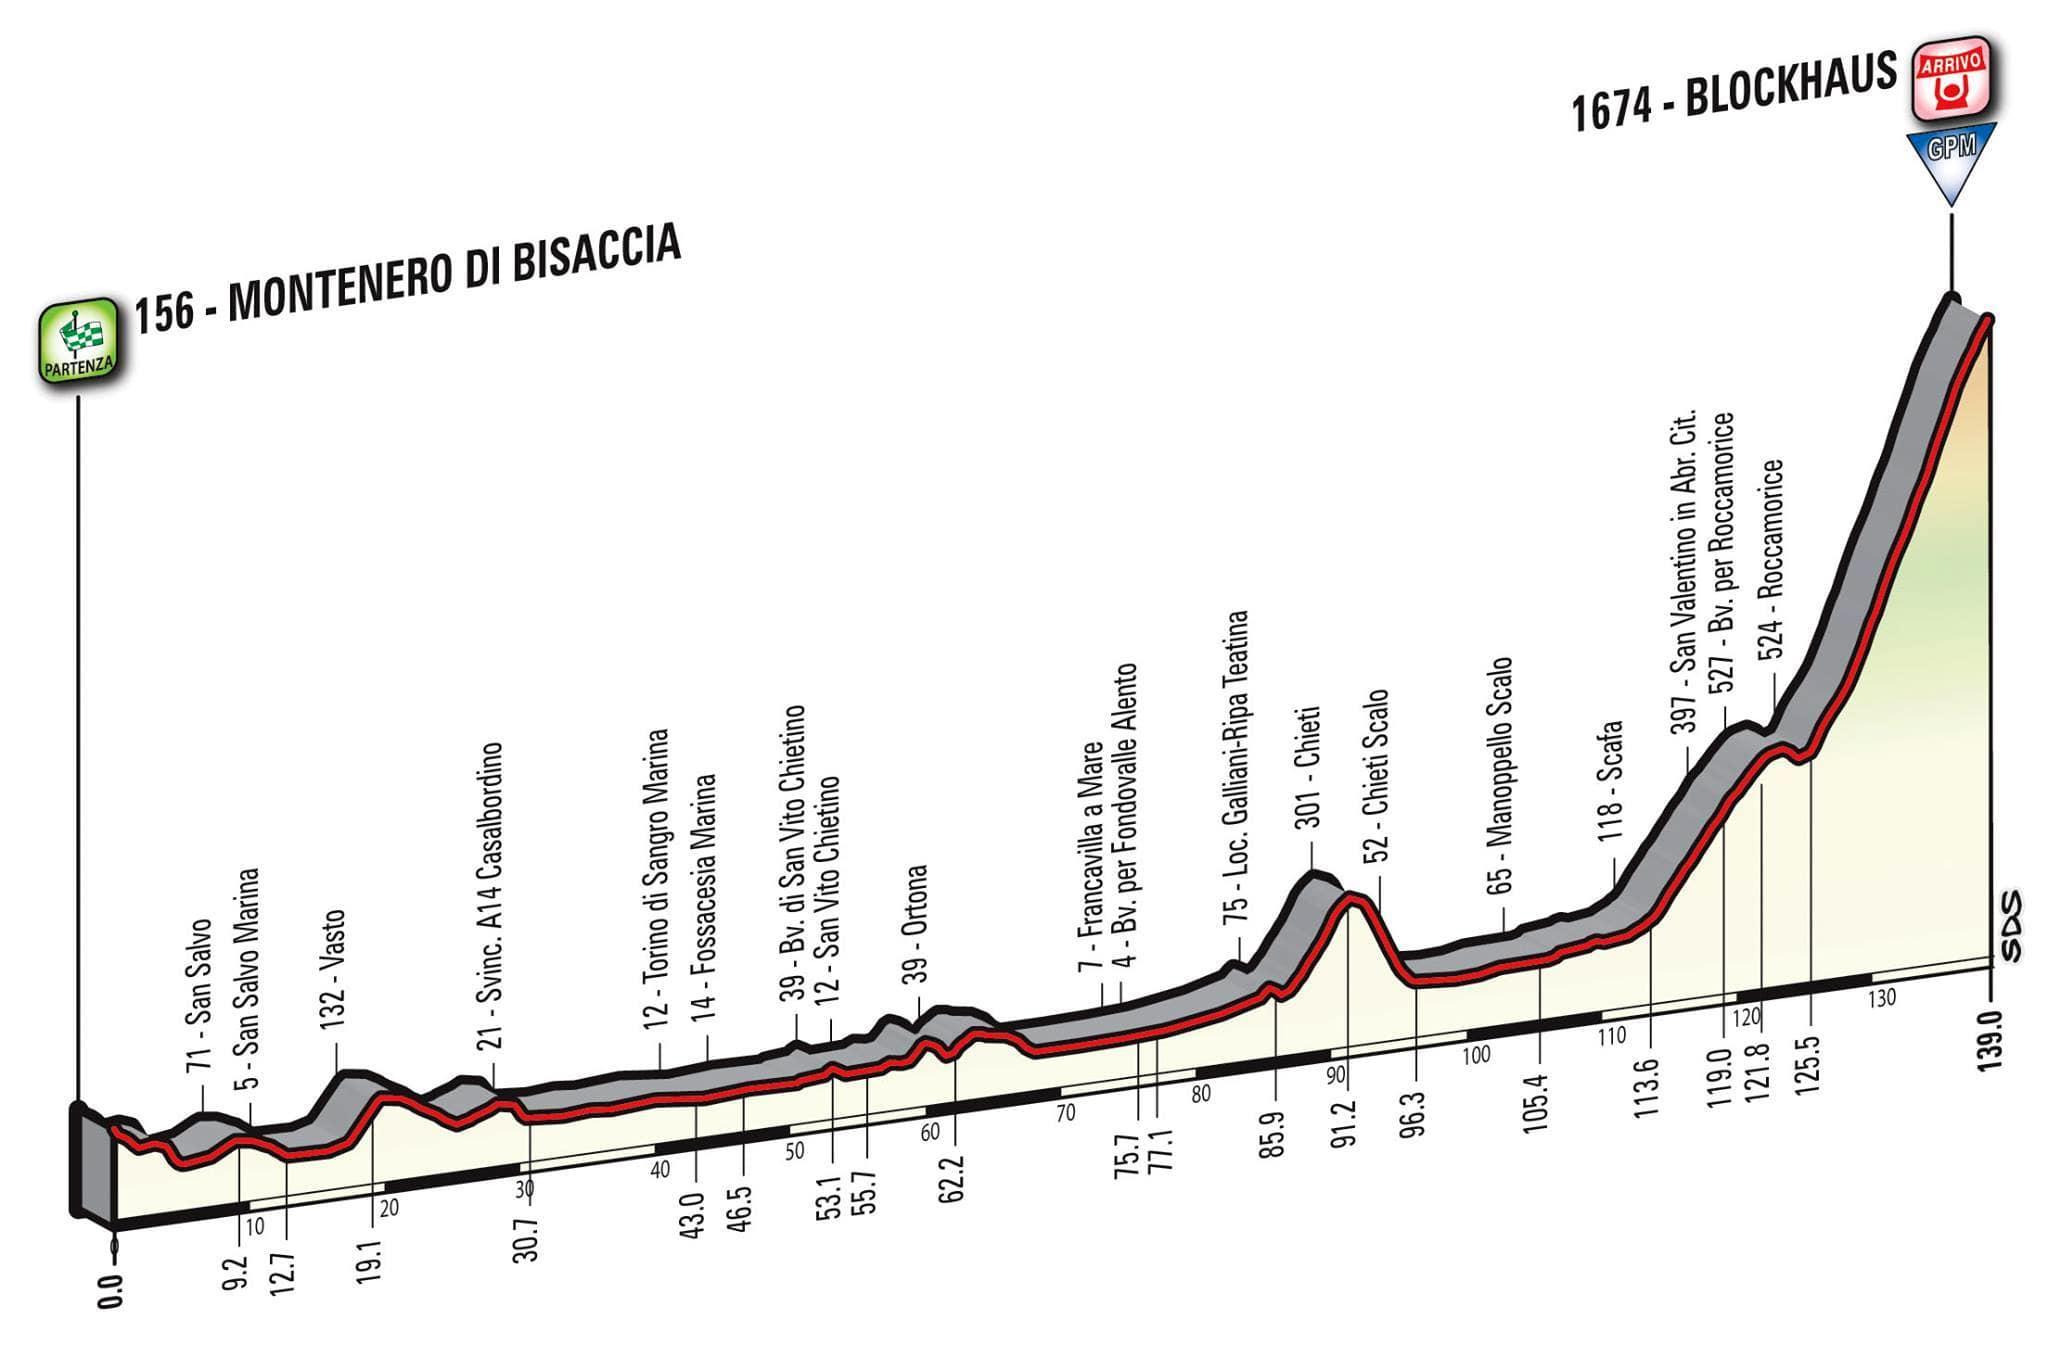 Giro d'Italia – Presentata la tappa sul Blockhaus